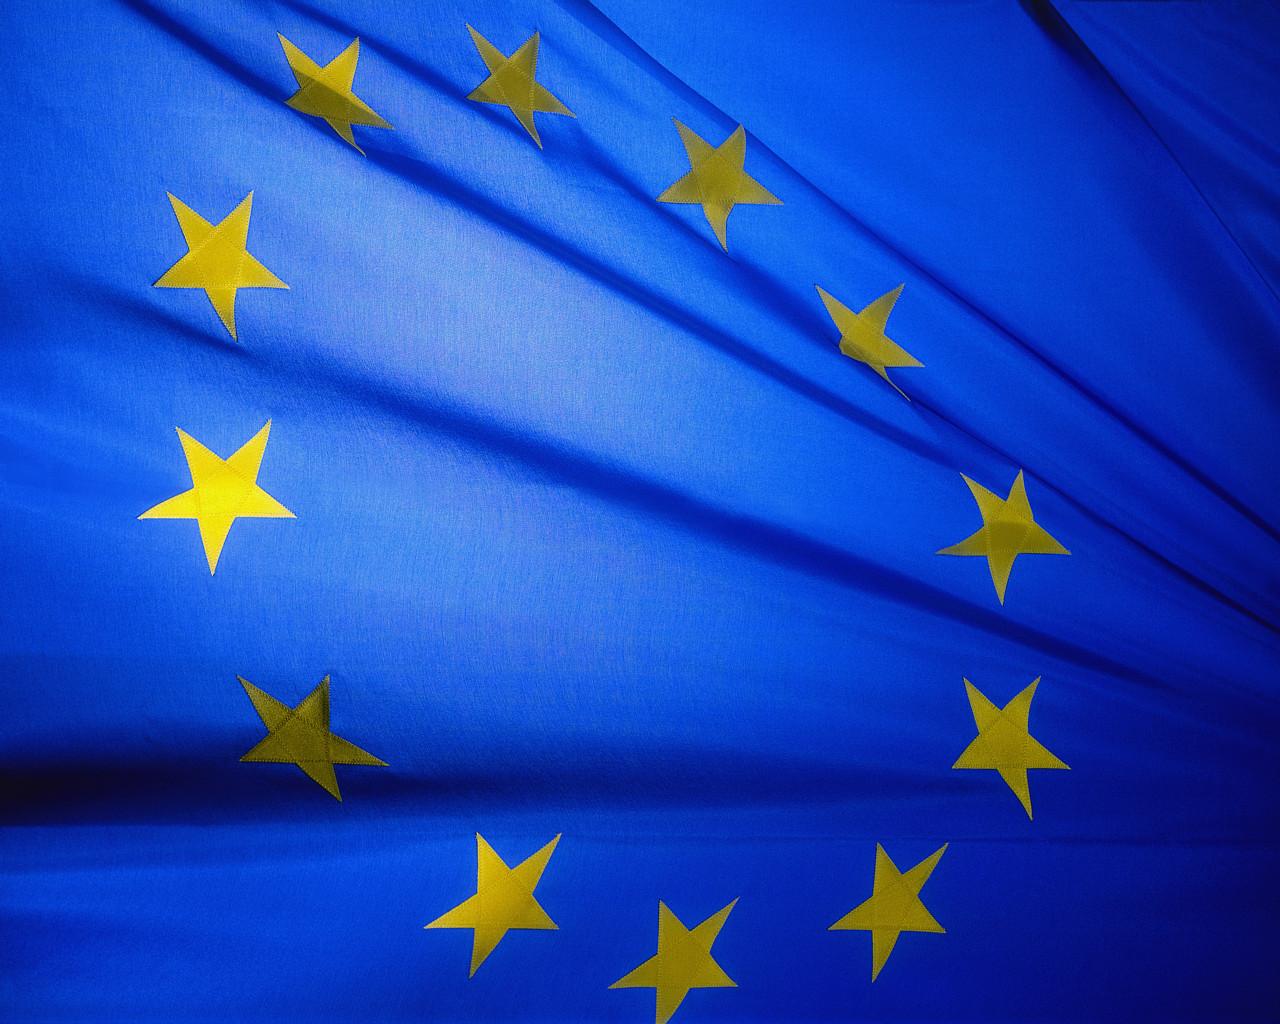 Nu e păcăleală! De la 1 aprilie europeni pot cere Bruxelles-ului inițierea unor acte juridice